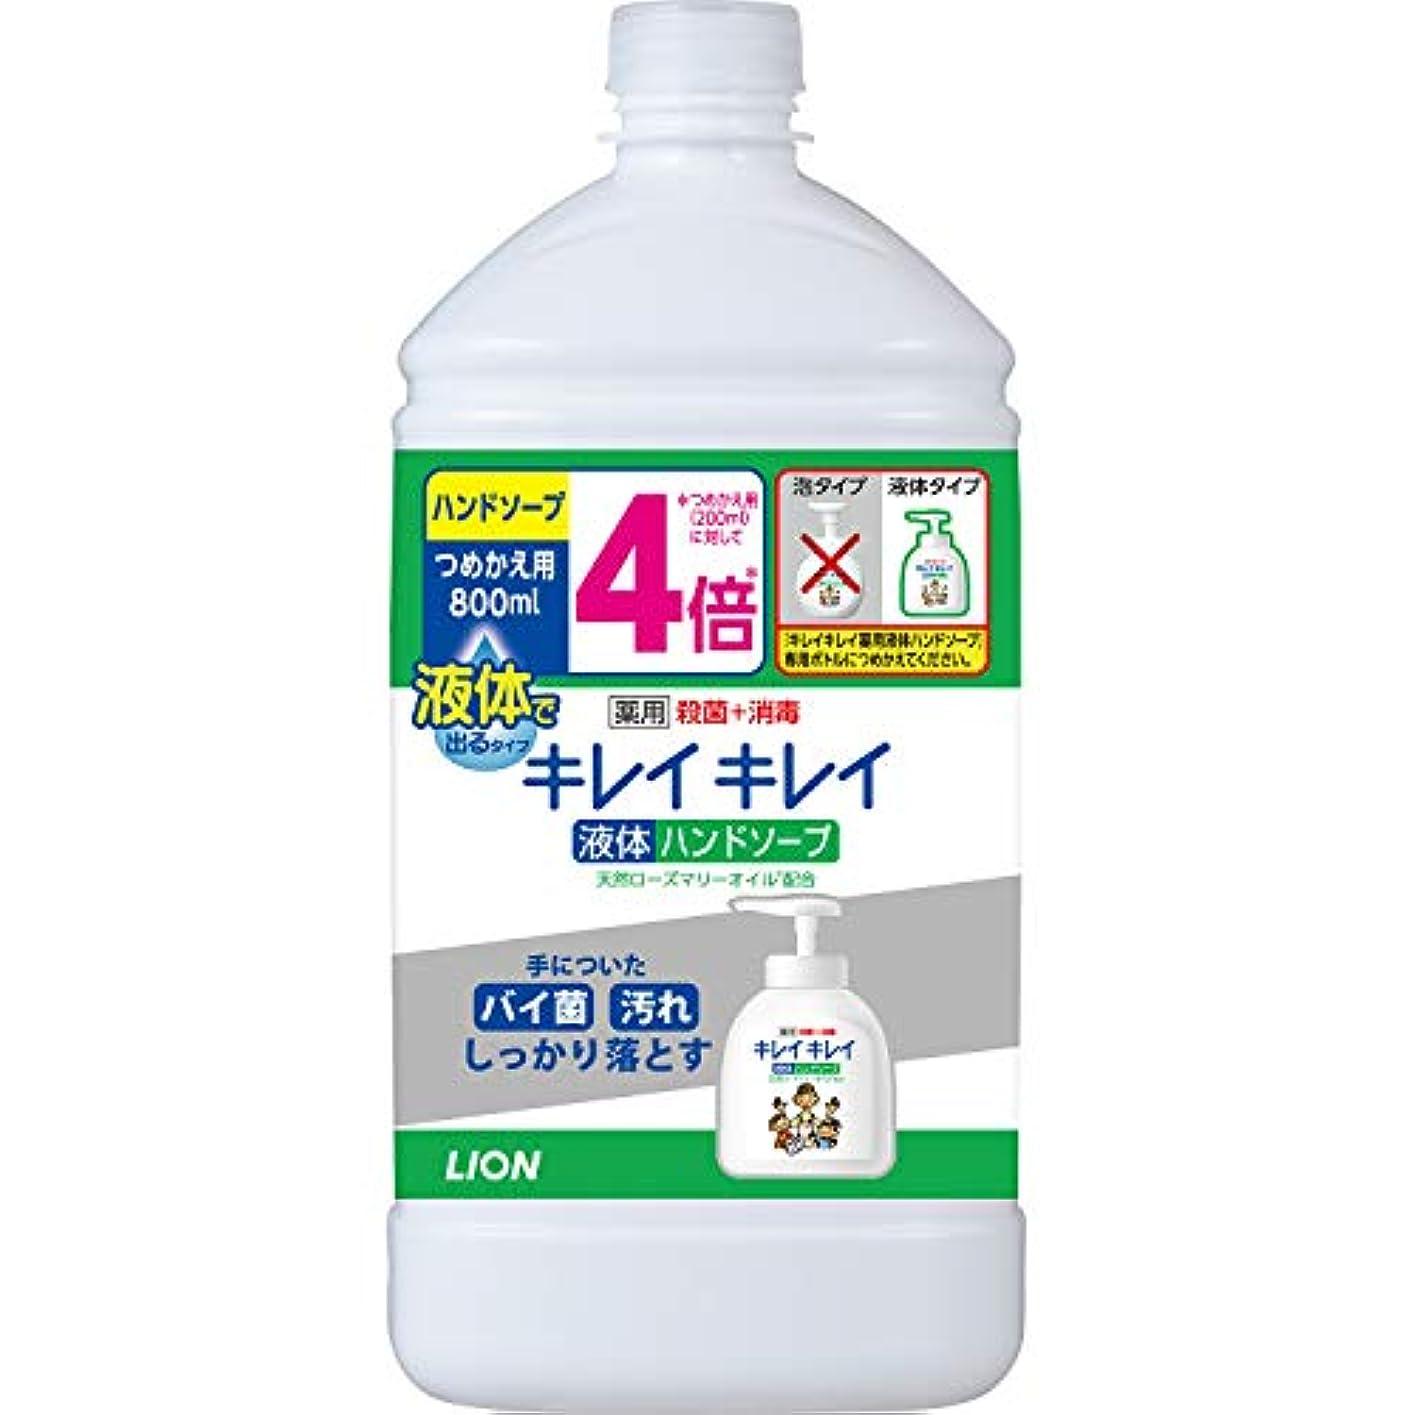 低い影響力のあるまた(医薬部外品)【大容量】キレイキレイ 薬用 液体ハンドソープ 詰替特大 800ml